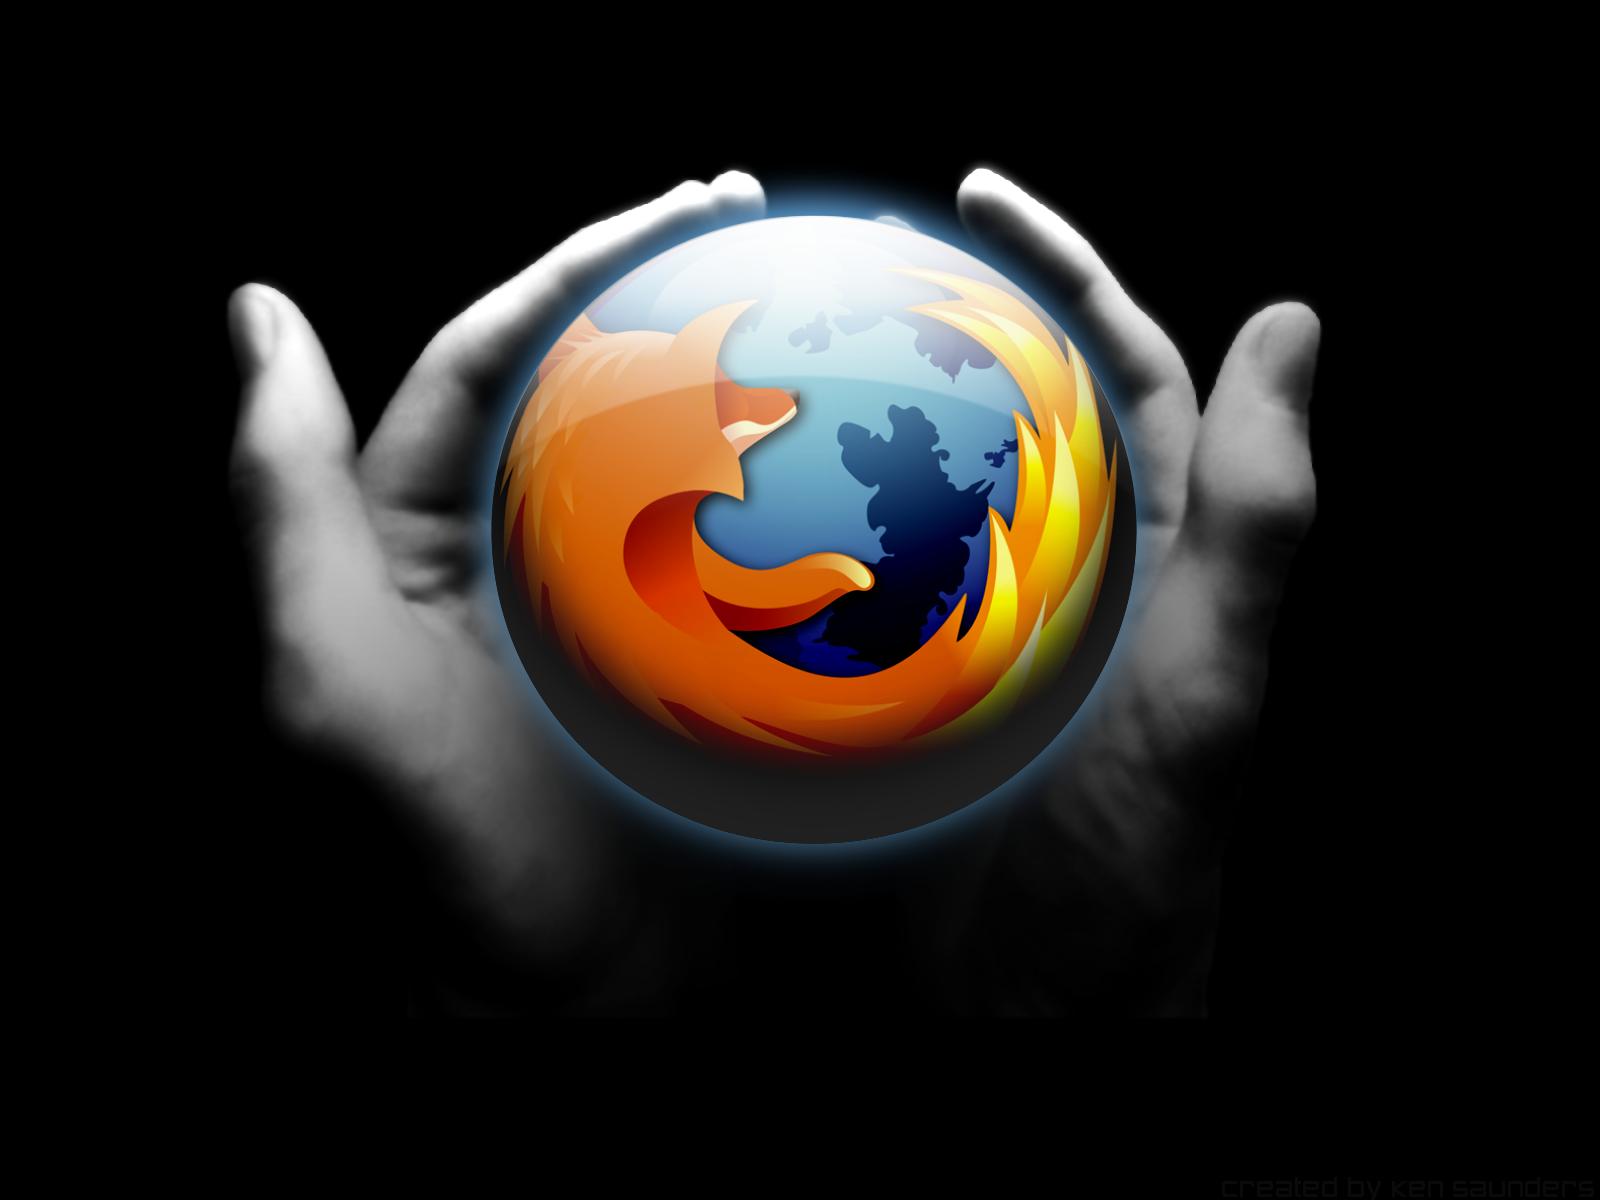 تنزيل متصفح فايرفوكس عربي ويندوز 7